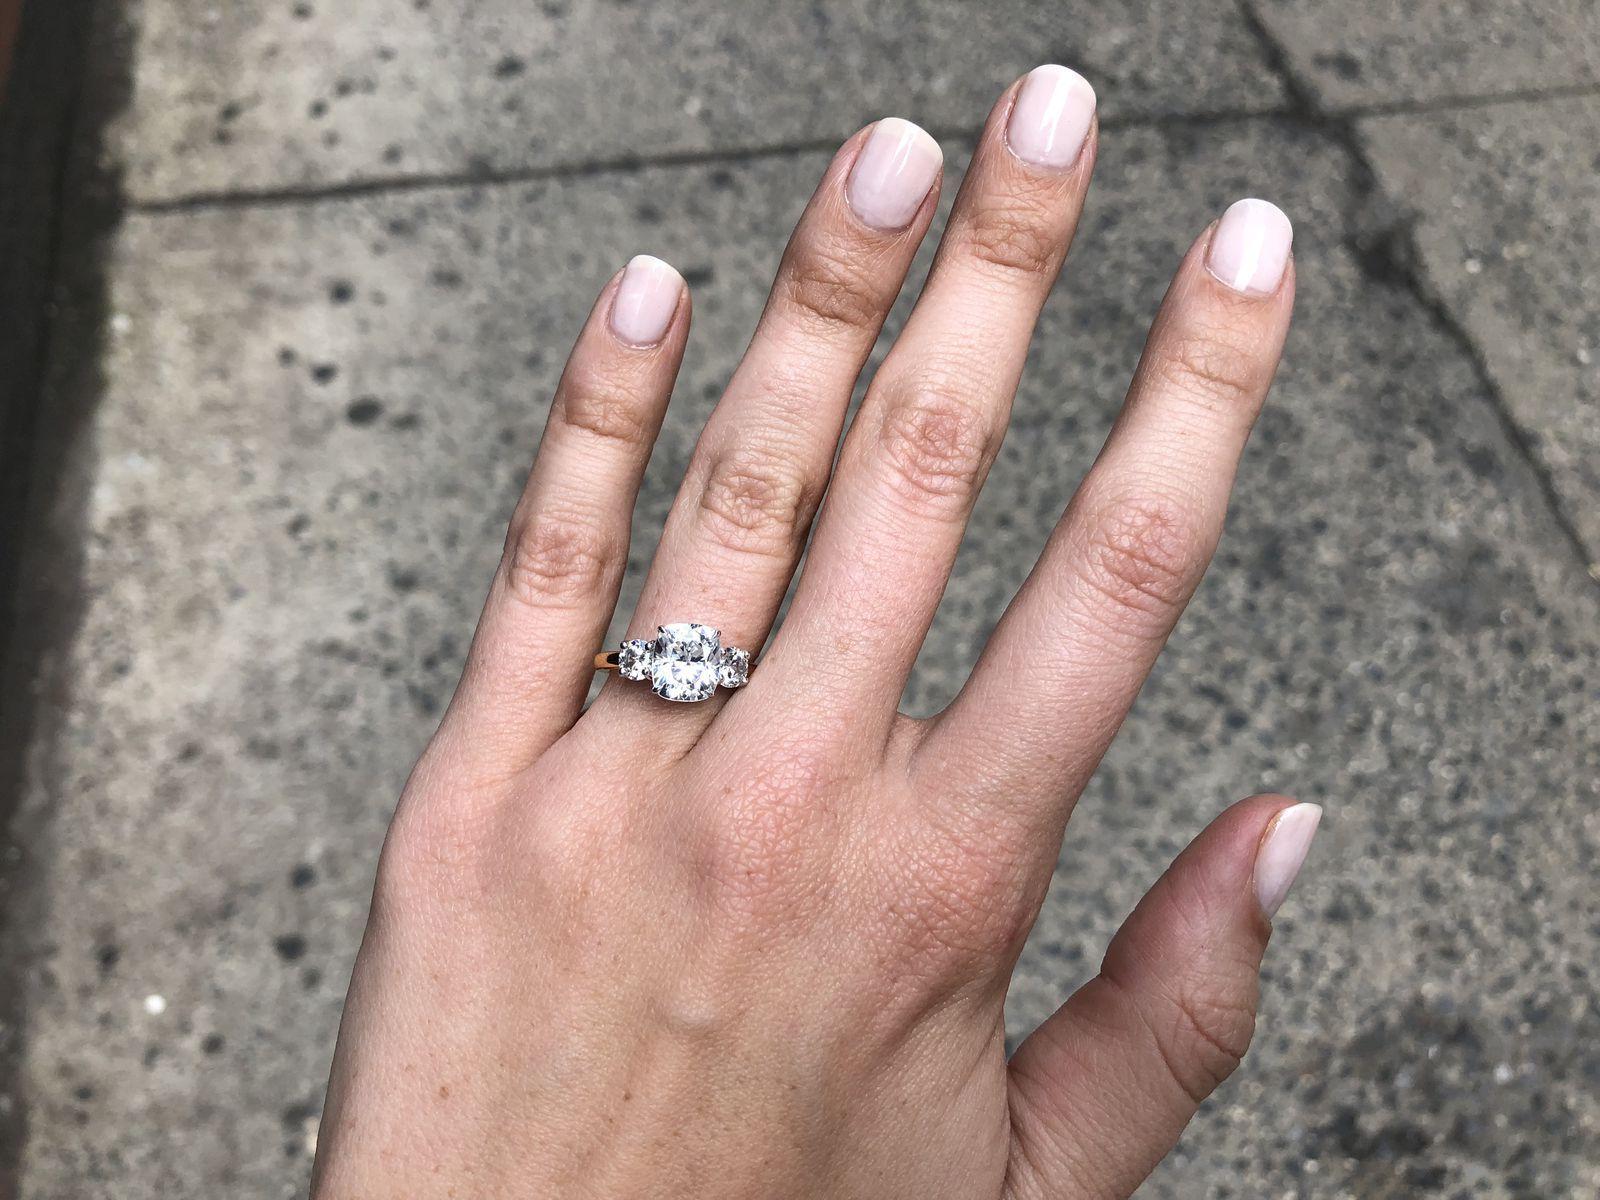 Smallest Engagement Ring Meme